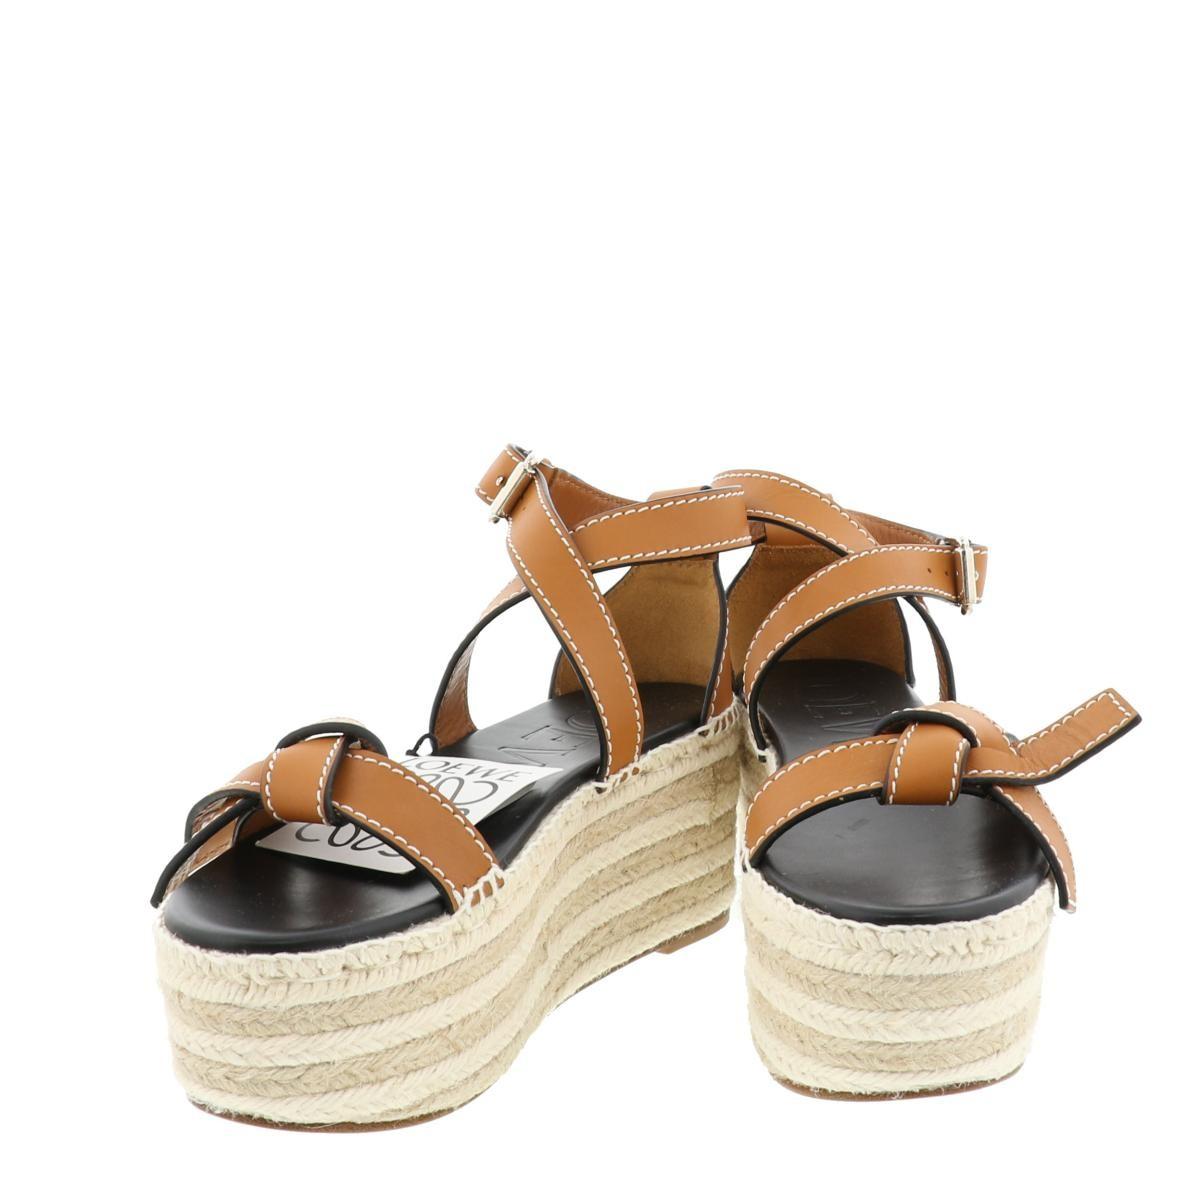 【最終処分セール】【中古】【24.5cm】LOEWE (ロエベ) Gate Wedge Espadrille サンダル 靴 靴/レディース  Brown/ブラウン 453.10.355 used:A